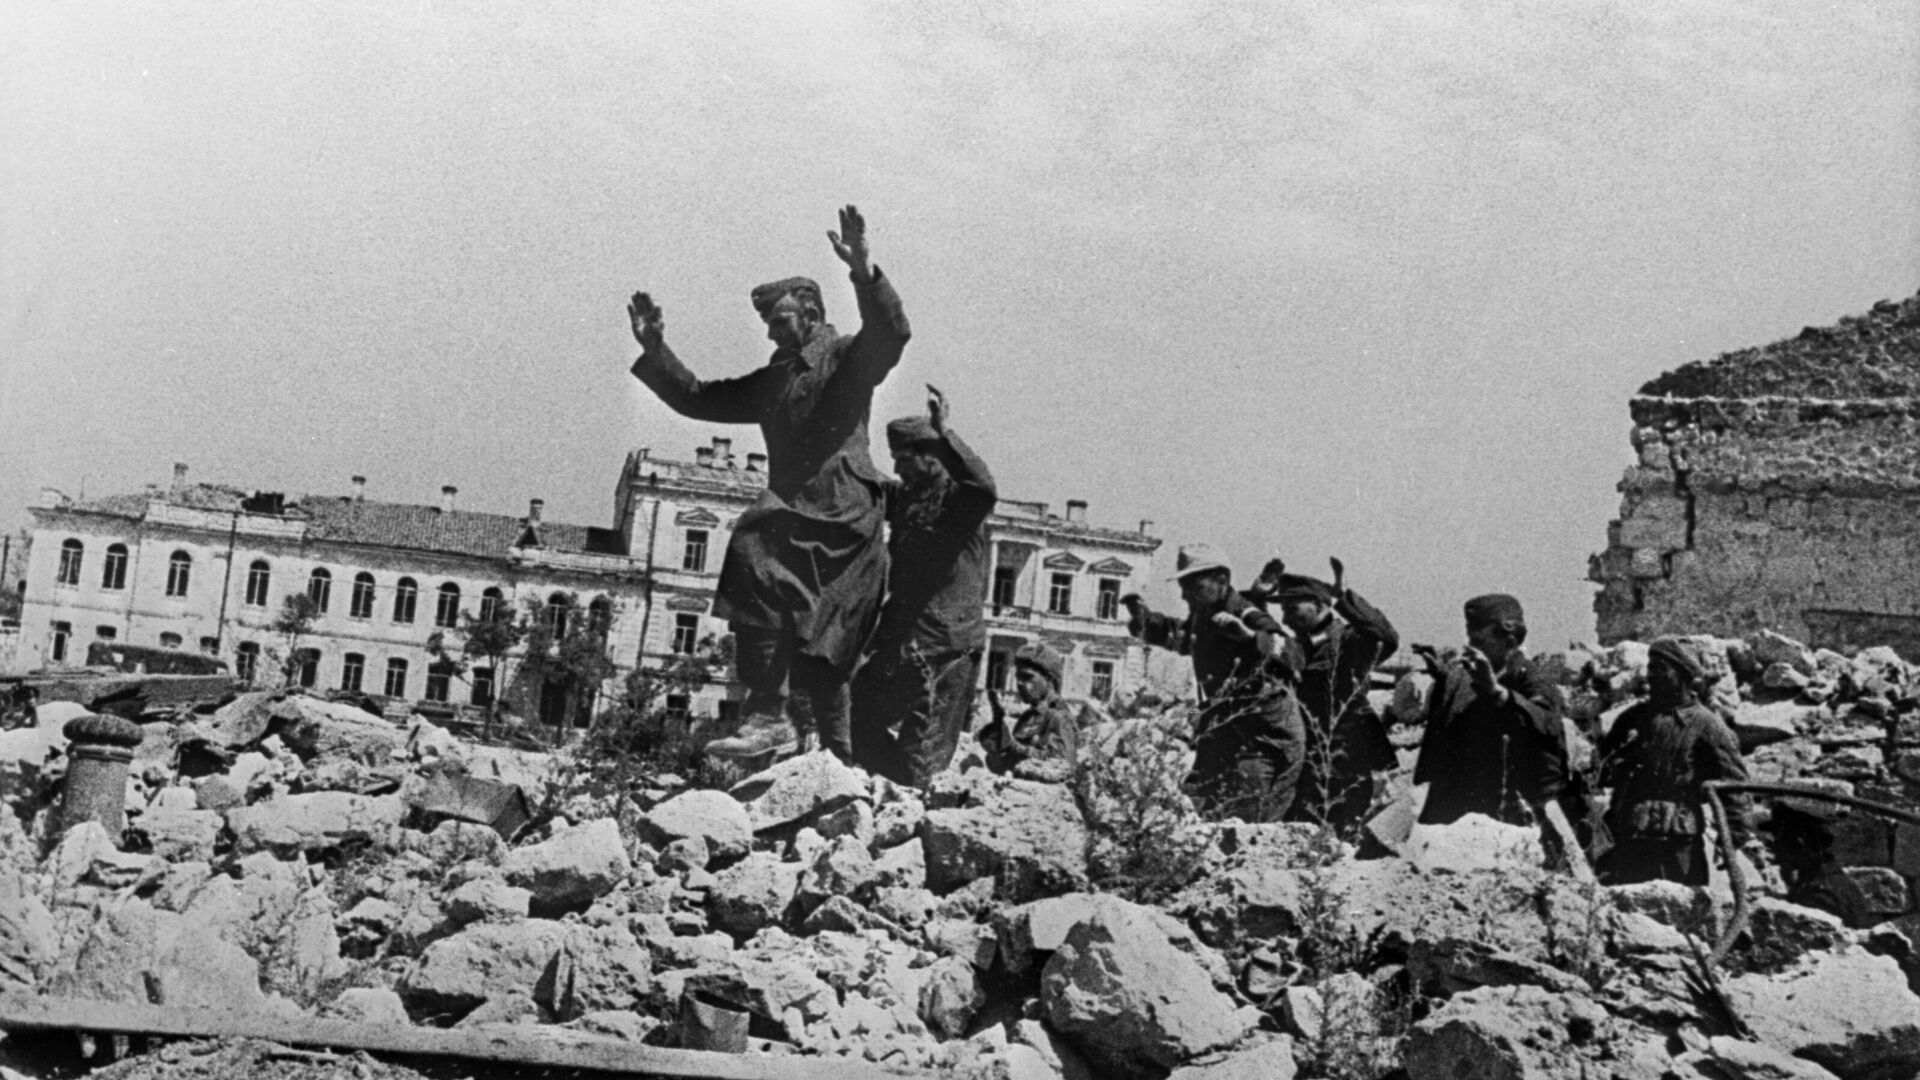 Пленные немцы на развалинах Севастополя около Графской пристани - РИА Новости, 1920, 30.04.2020